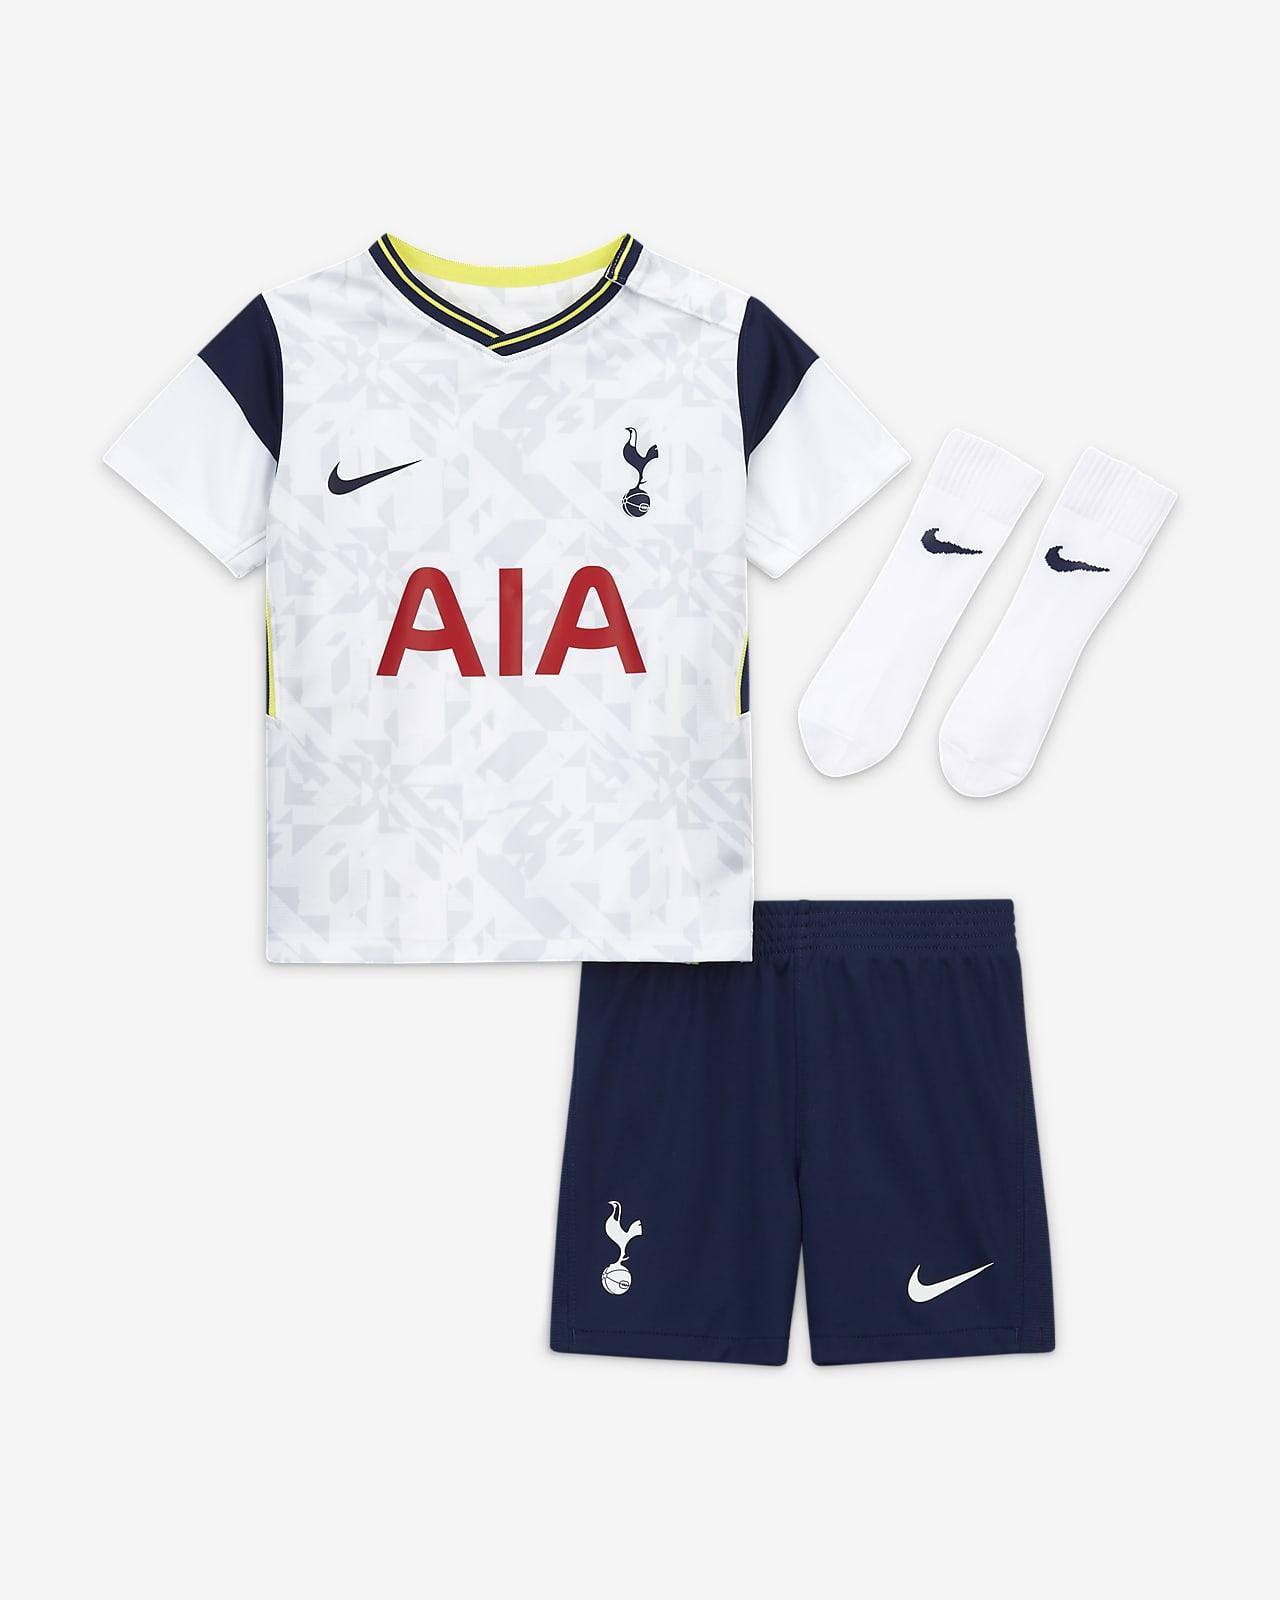 Tenue de football Tottenham Hotspur 2020/21 Domicile pour Bébé et Petit enfant